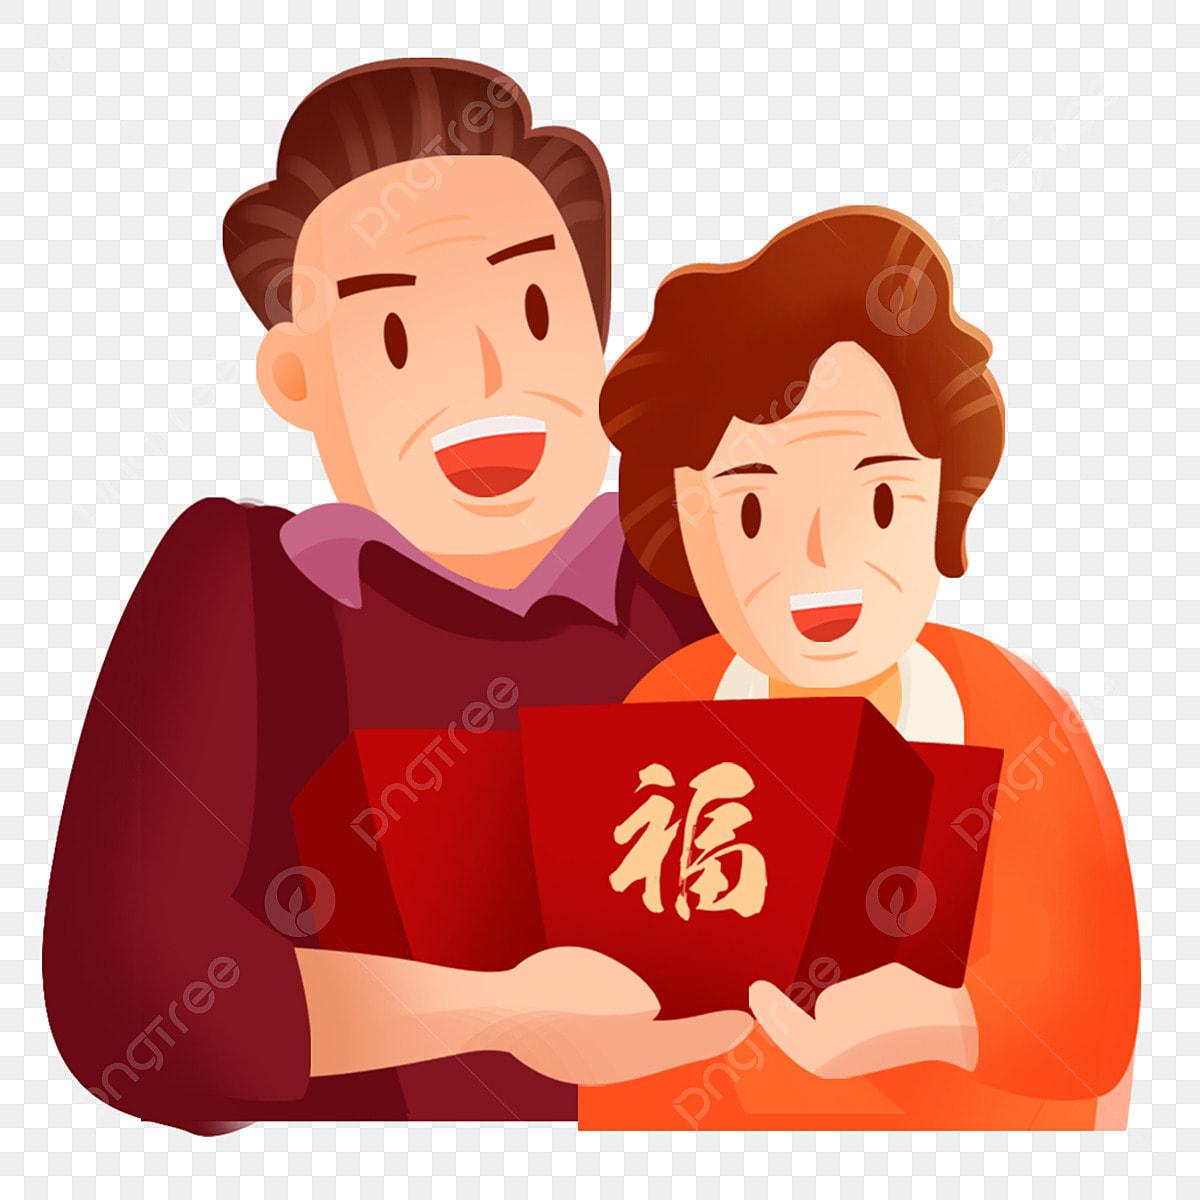 Fête Du Printemps Un Vieux Couple Charmant Mariage Dor Vieux